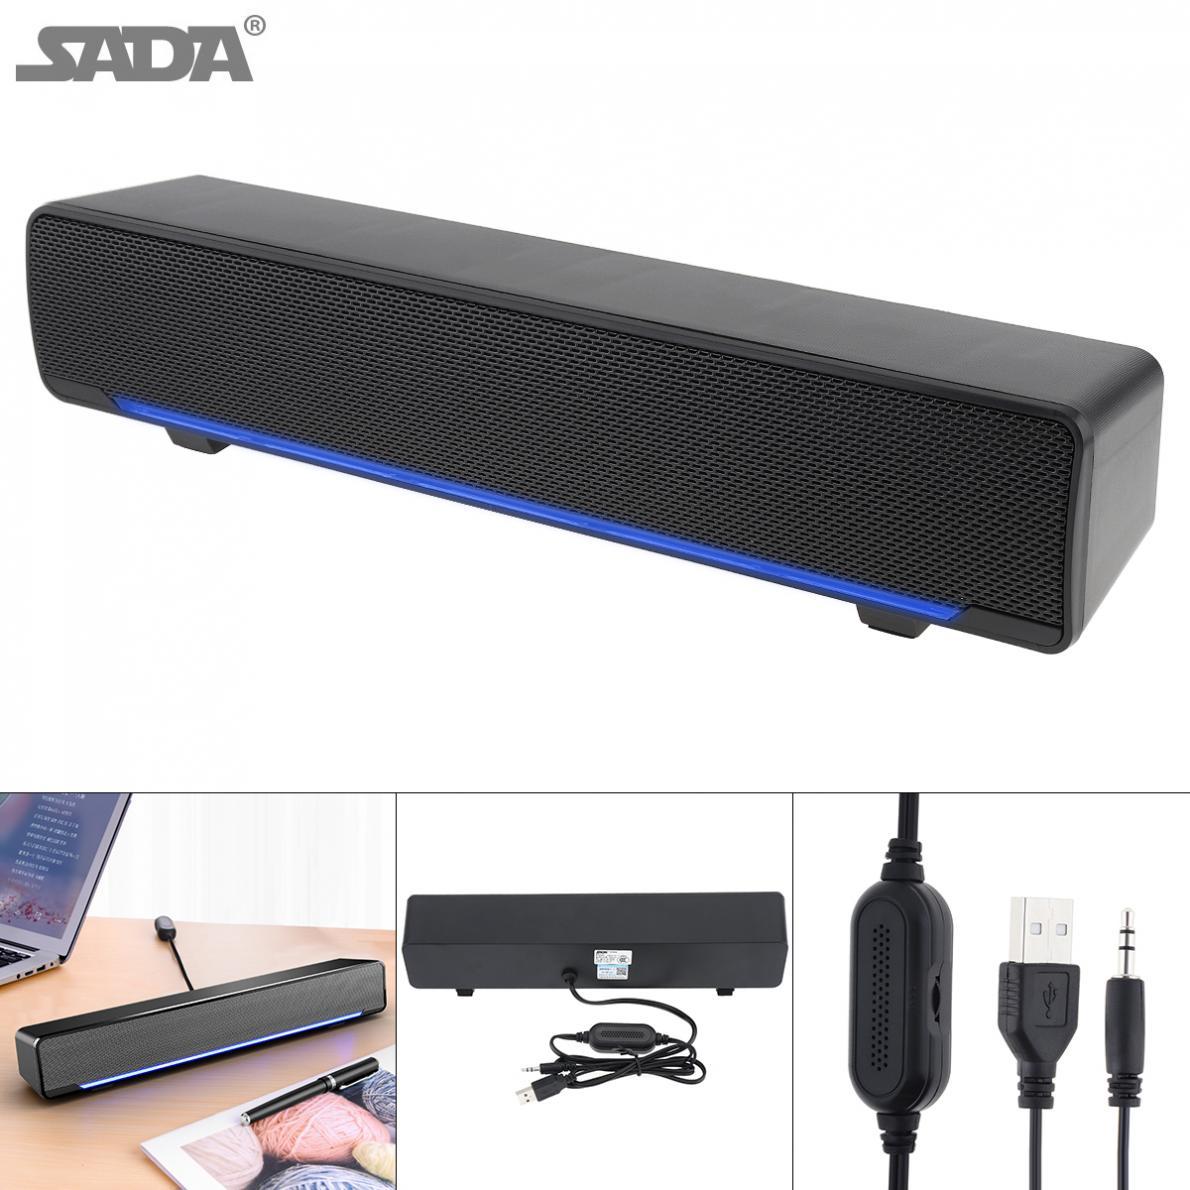 SADA V-196 полоса Bluetooth динамик беспроводной настольный мультимедийный звуковой бар с двойным динамиком DSP и смешивающим звуком для дома